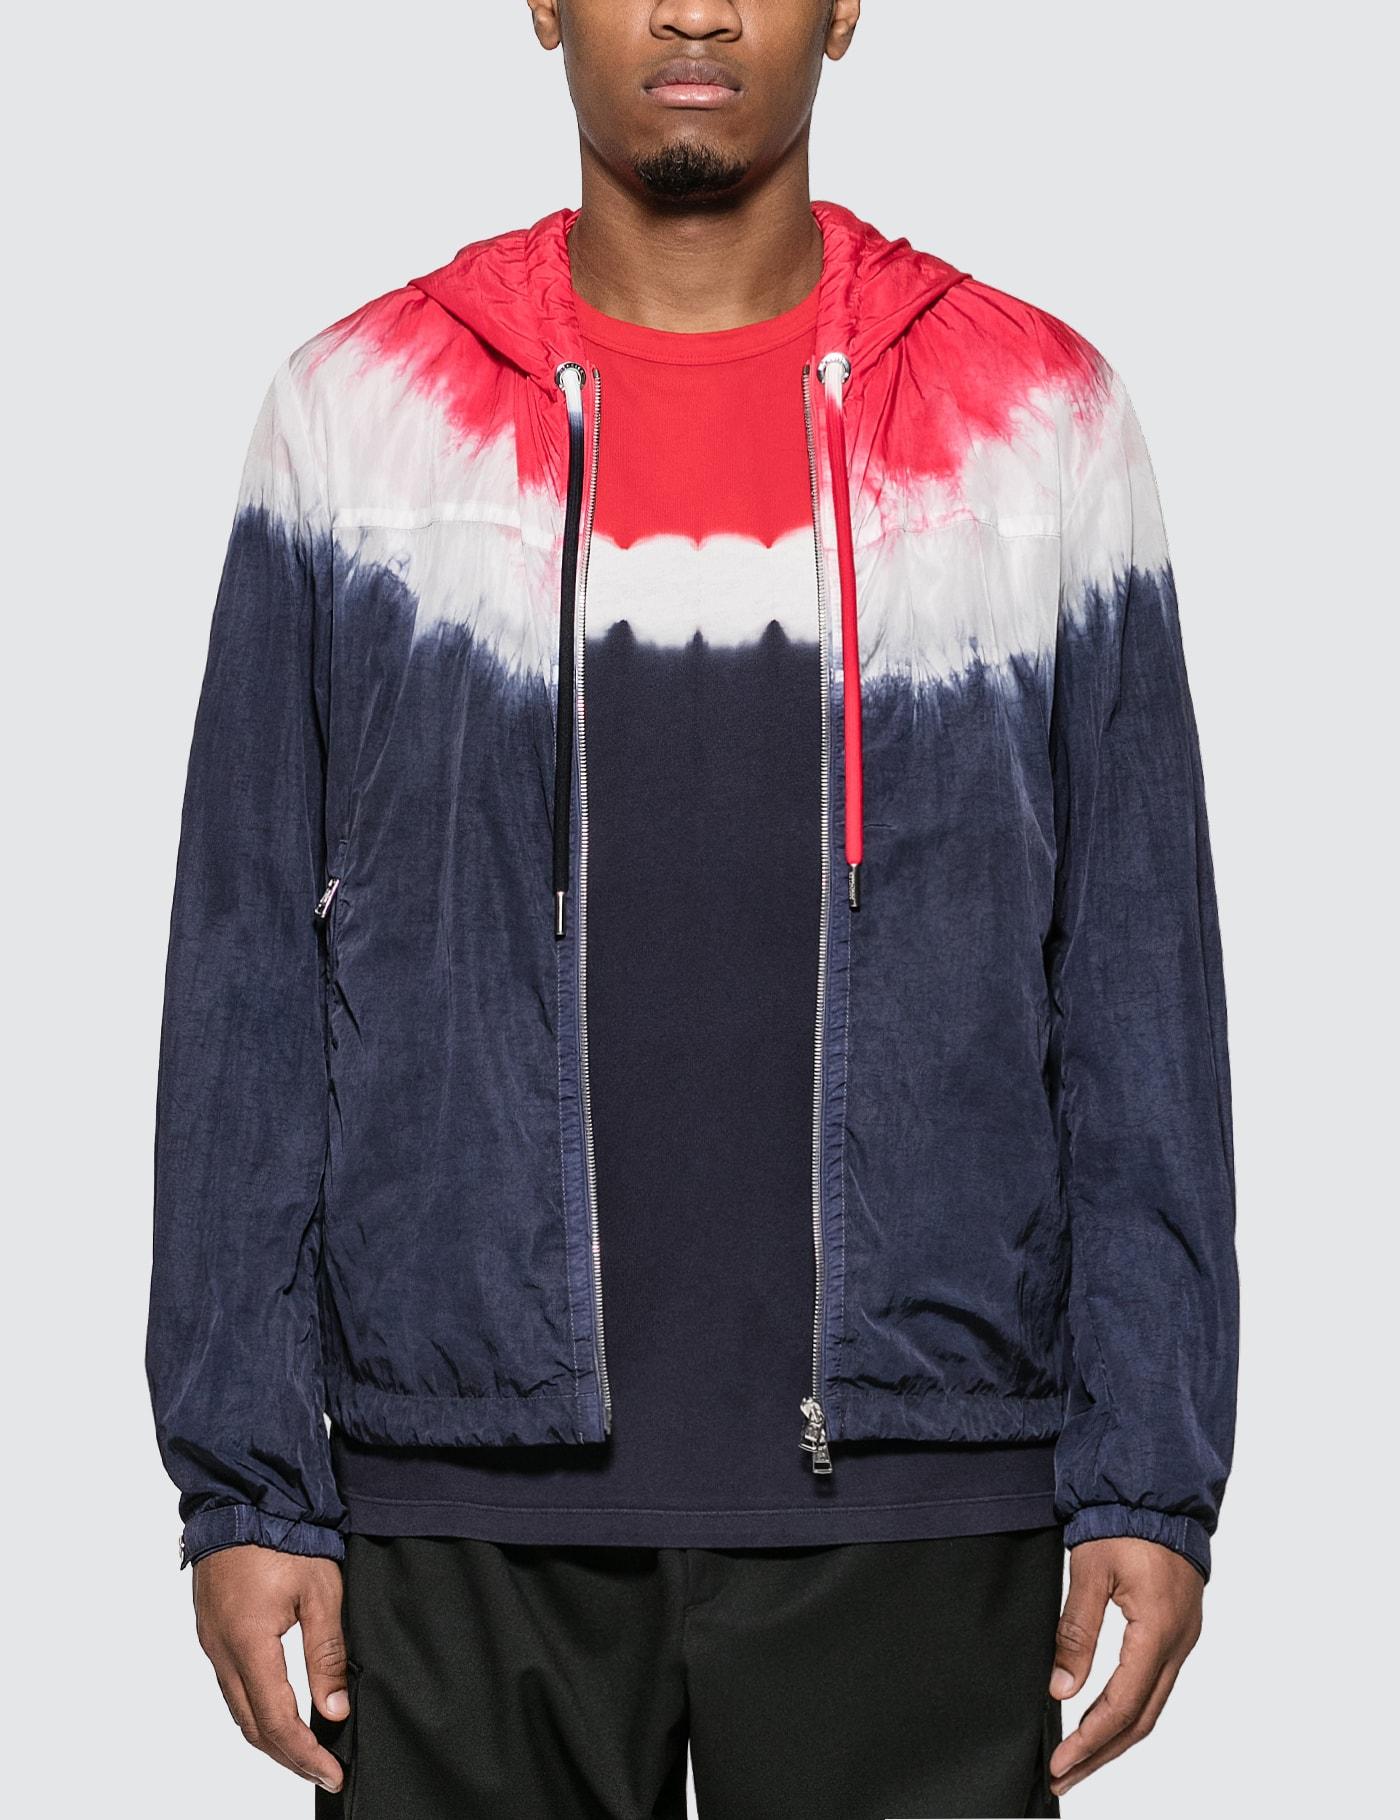 Tie Dye Jacket